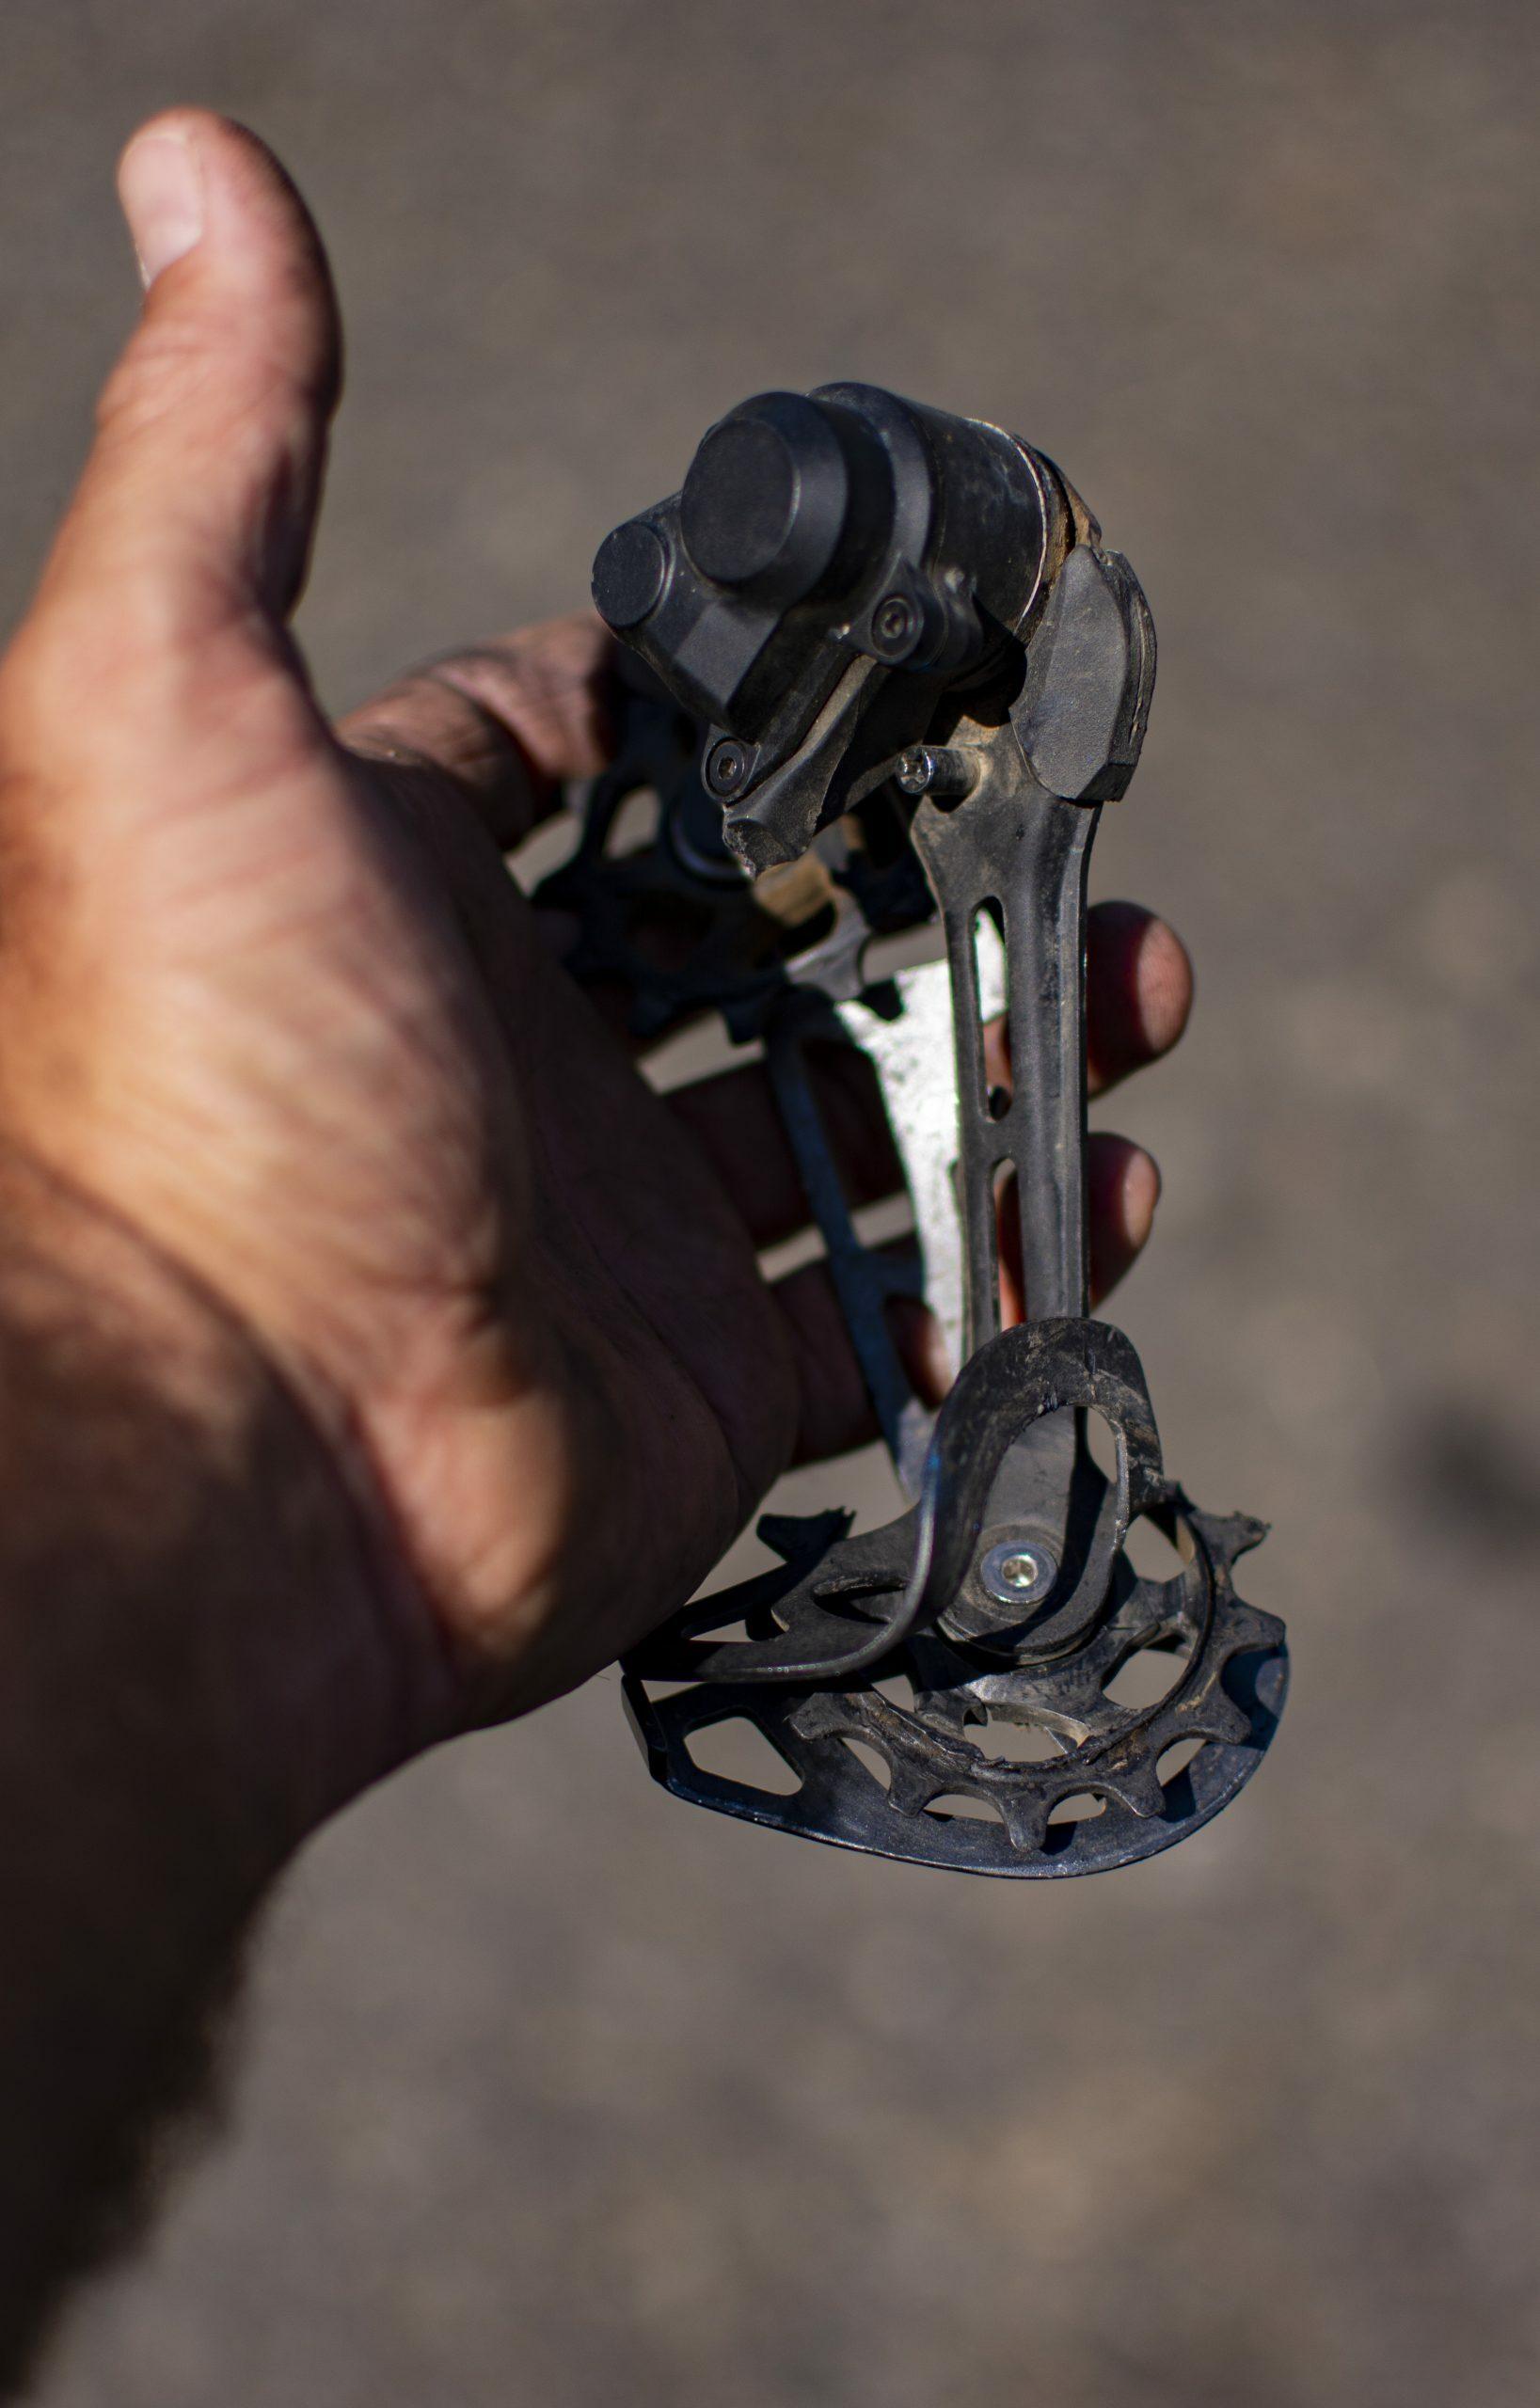 Broken derailleur hanger while Bikepacking